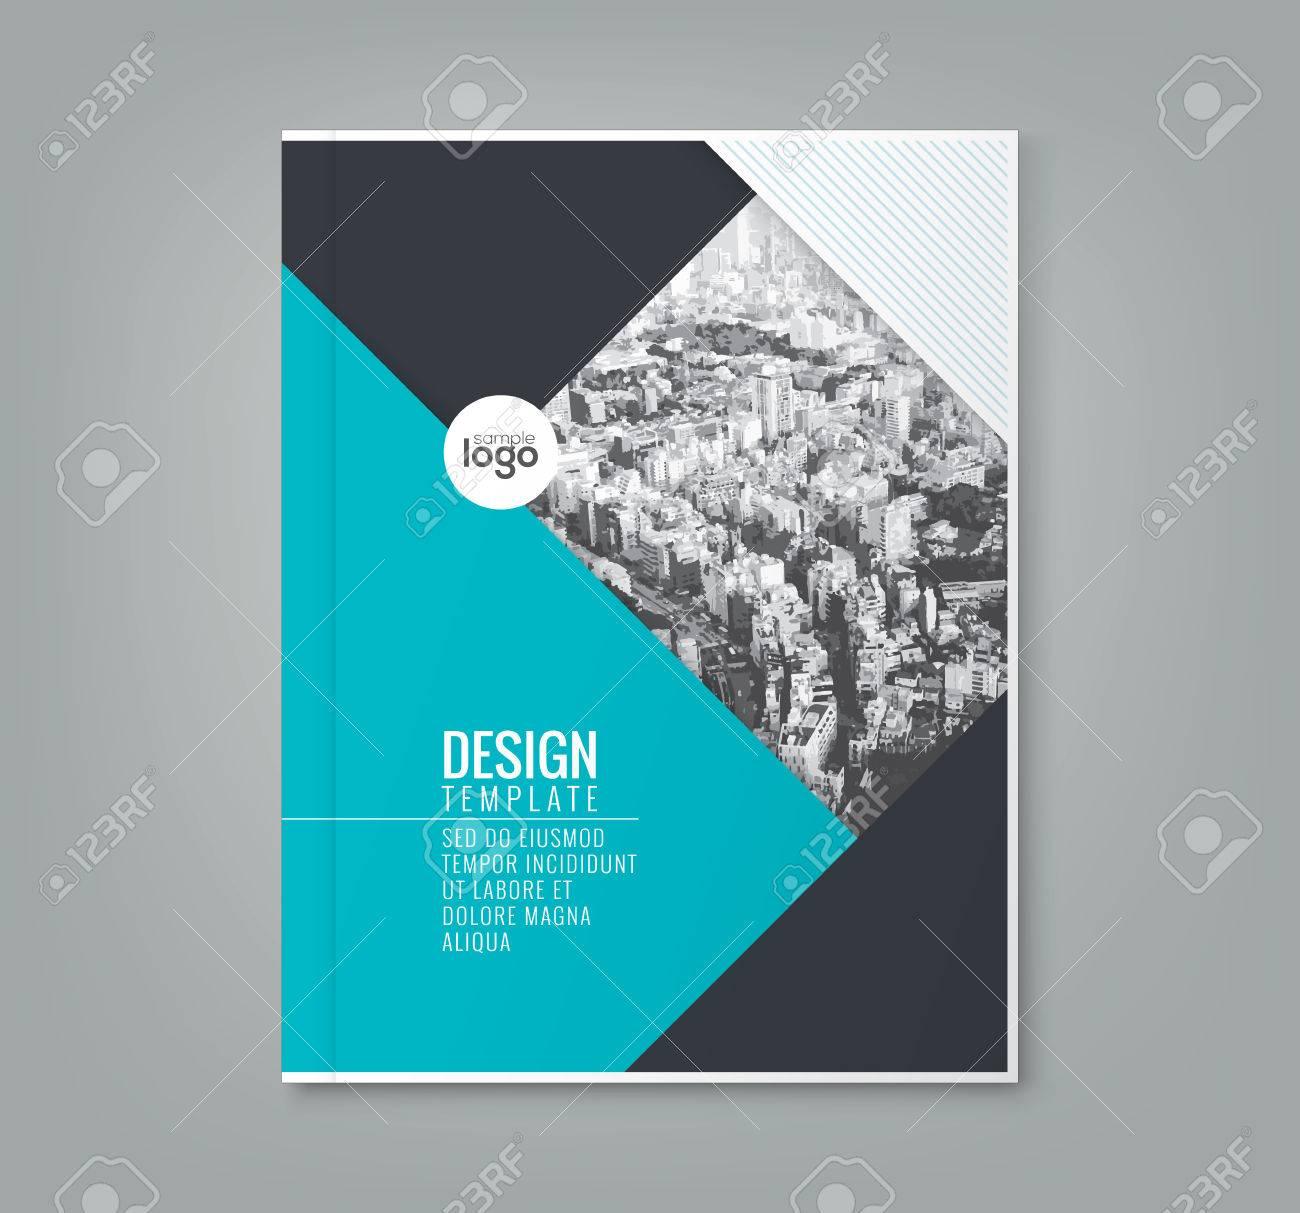 Minimal Einfache Blaue Farbe Design Vorlage Hintergrund Für Business ...